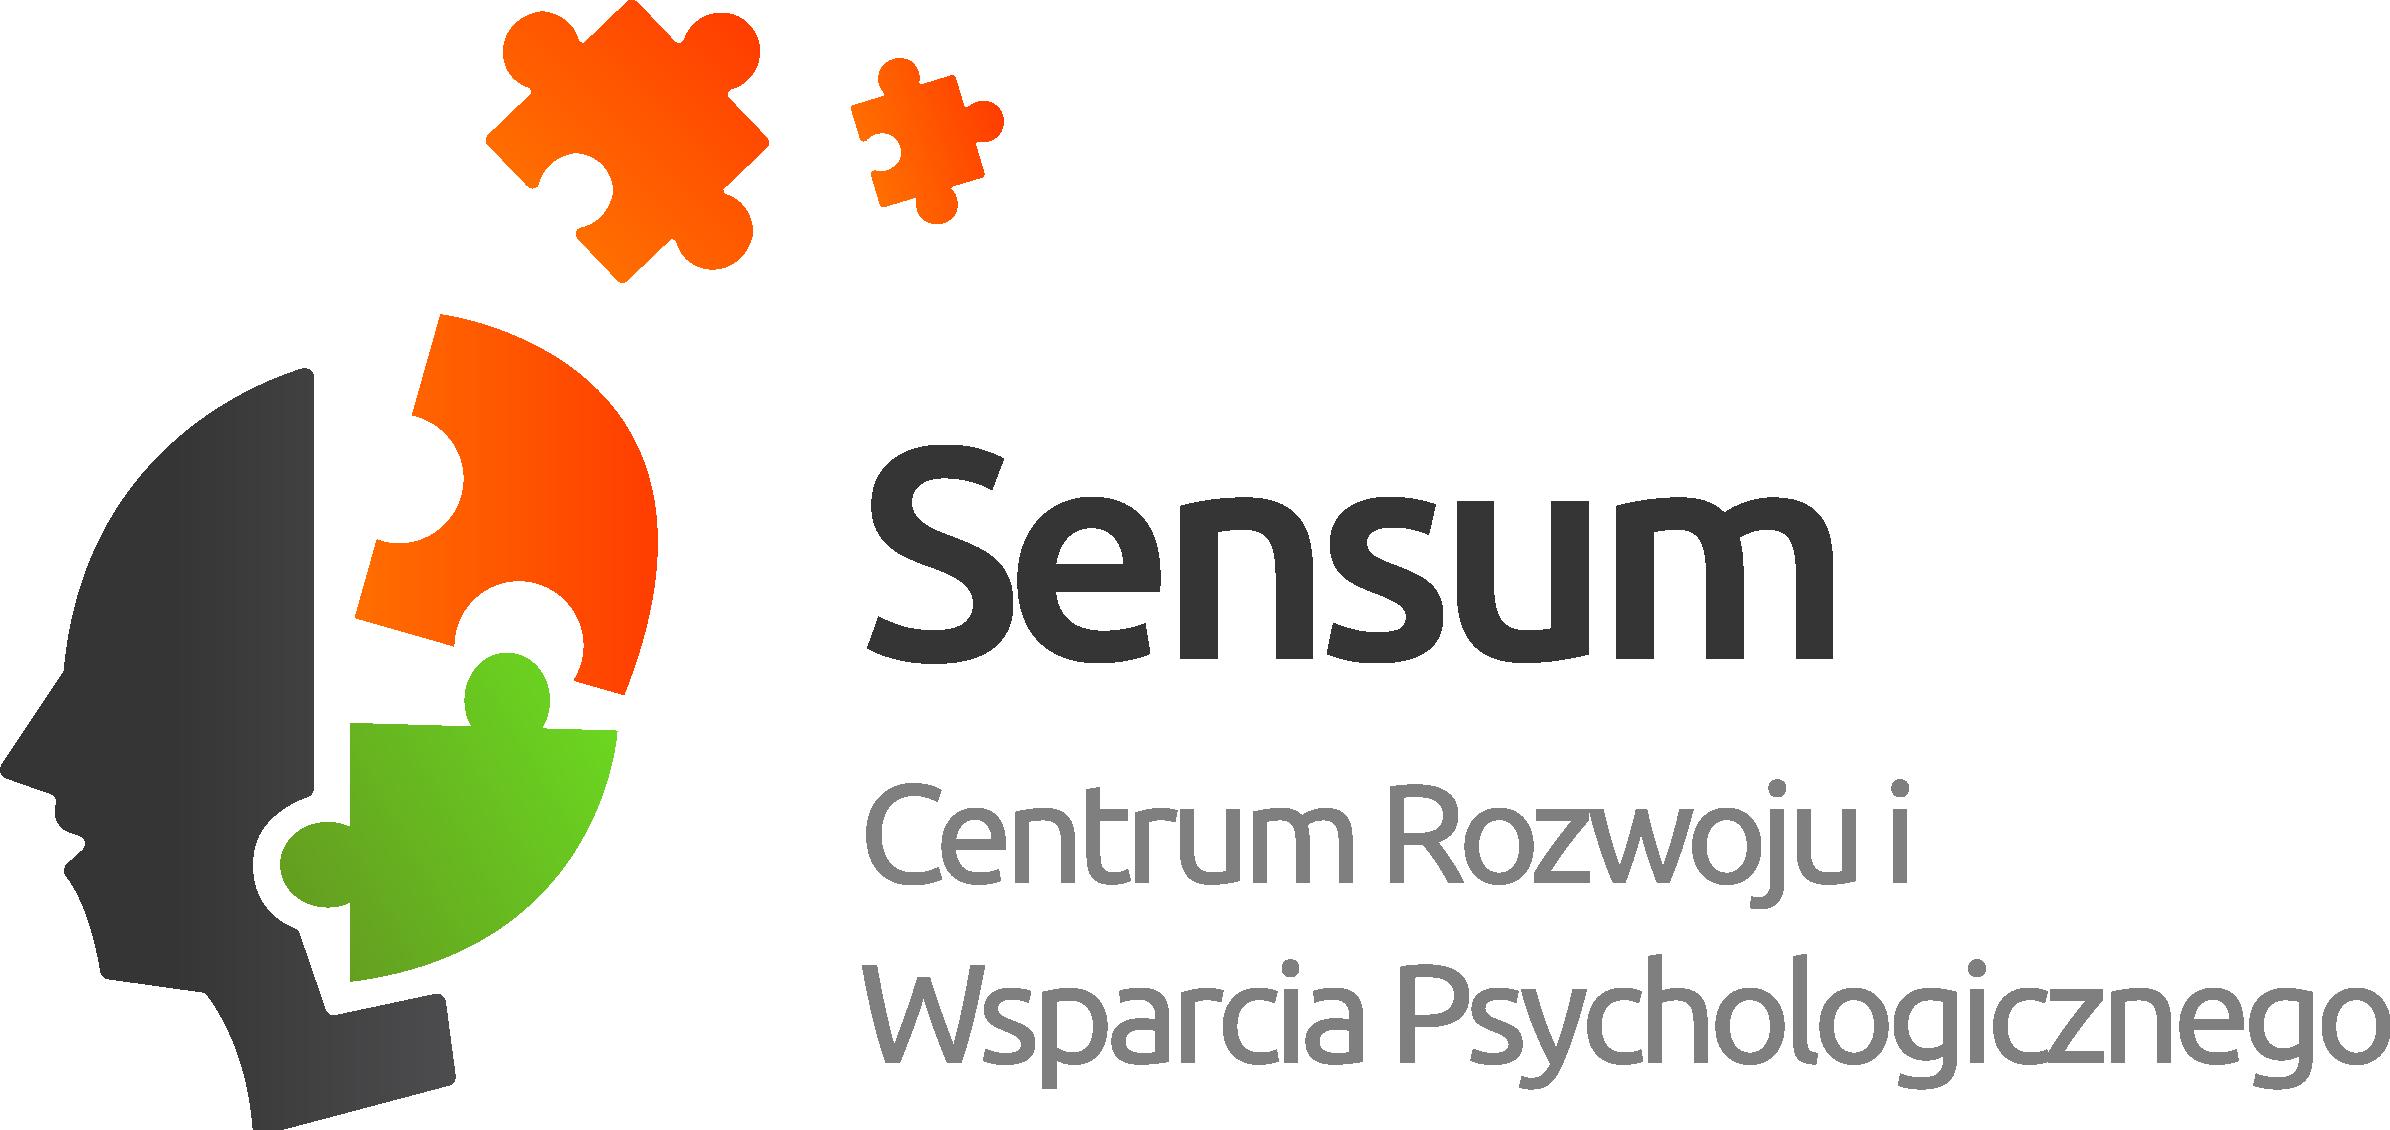 Sensum - Centrum Rozwoju i Wsparcia Psychologicznego